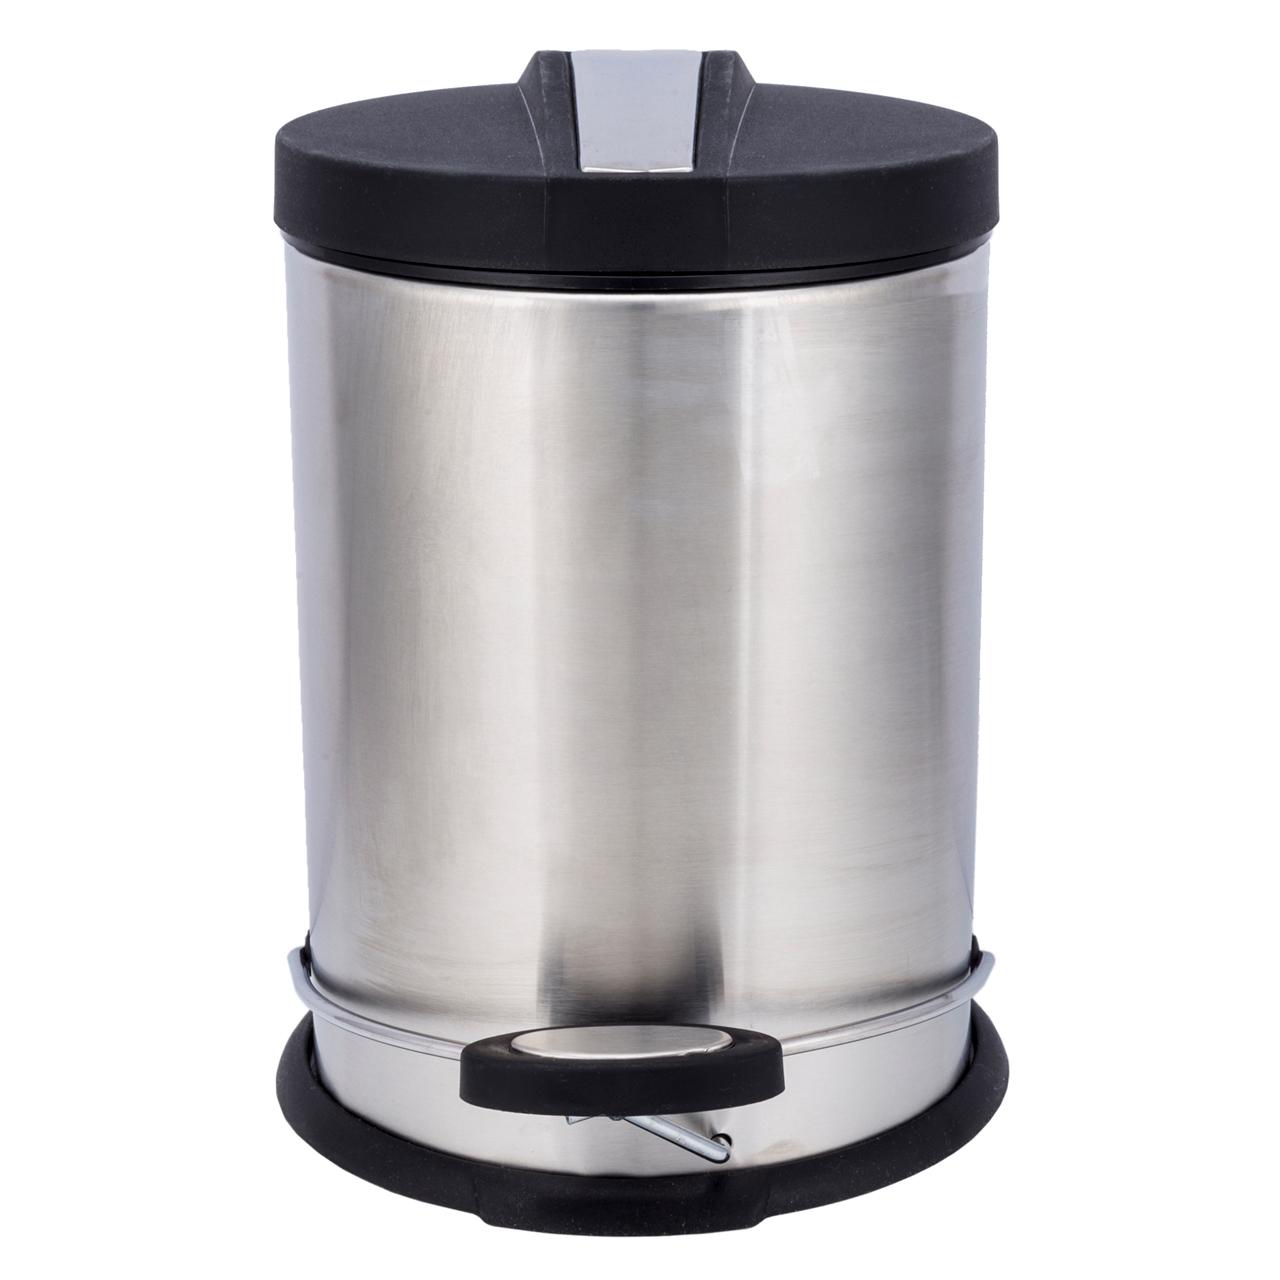 سطل زباله مکث مدل Step Bin گنجایش 3 لیتری